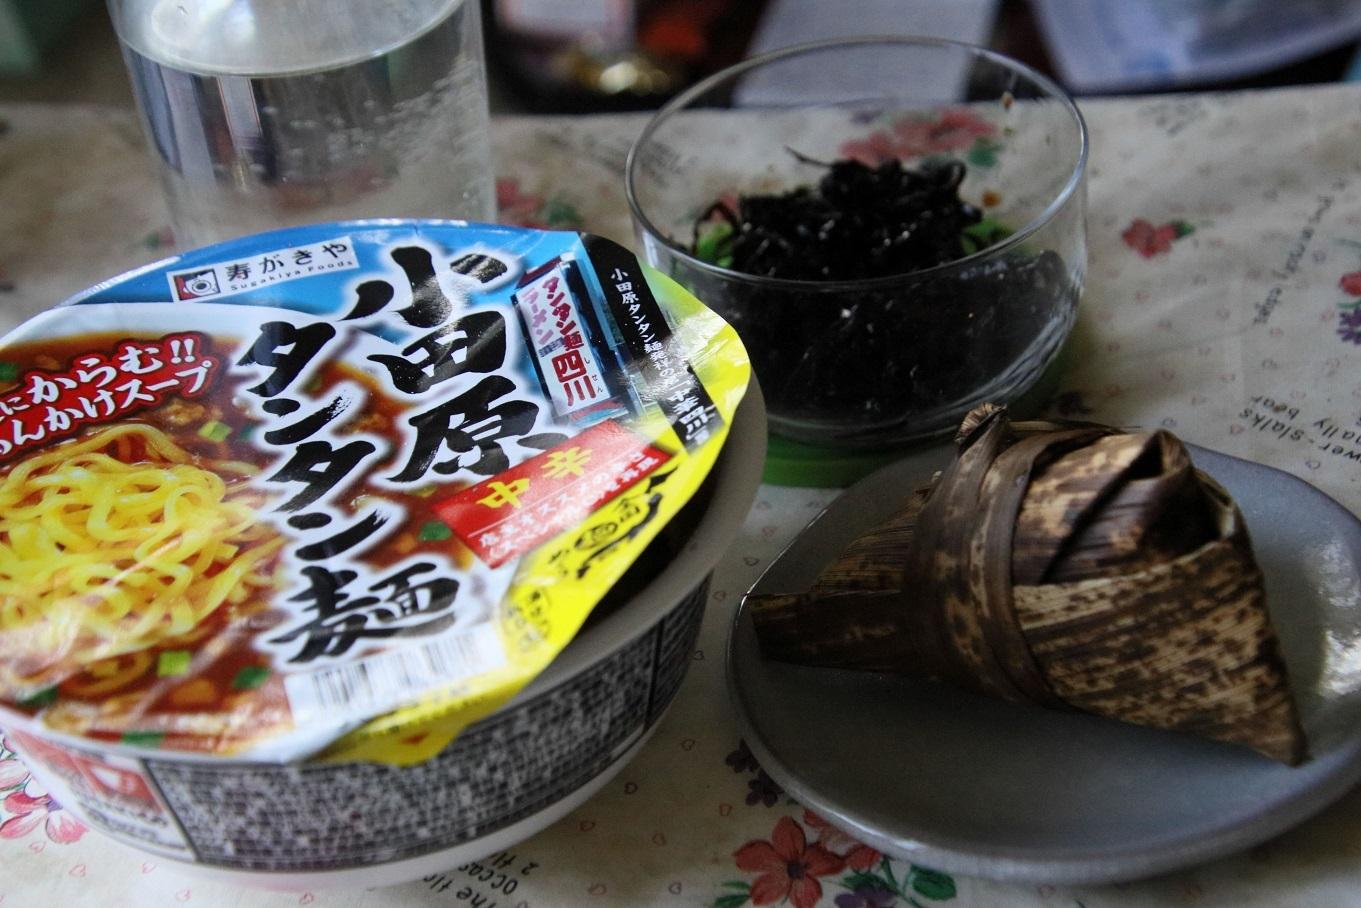 111ランチ カップ麺.jpg